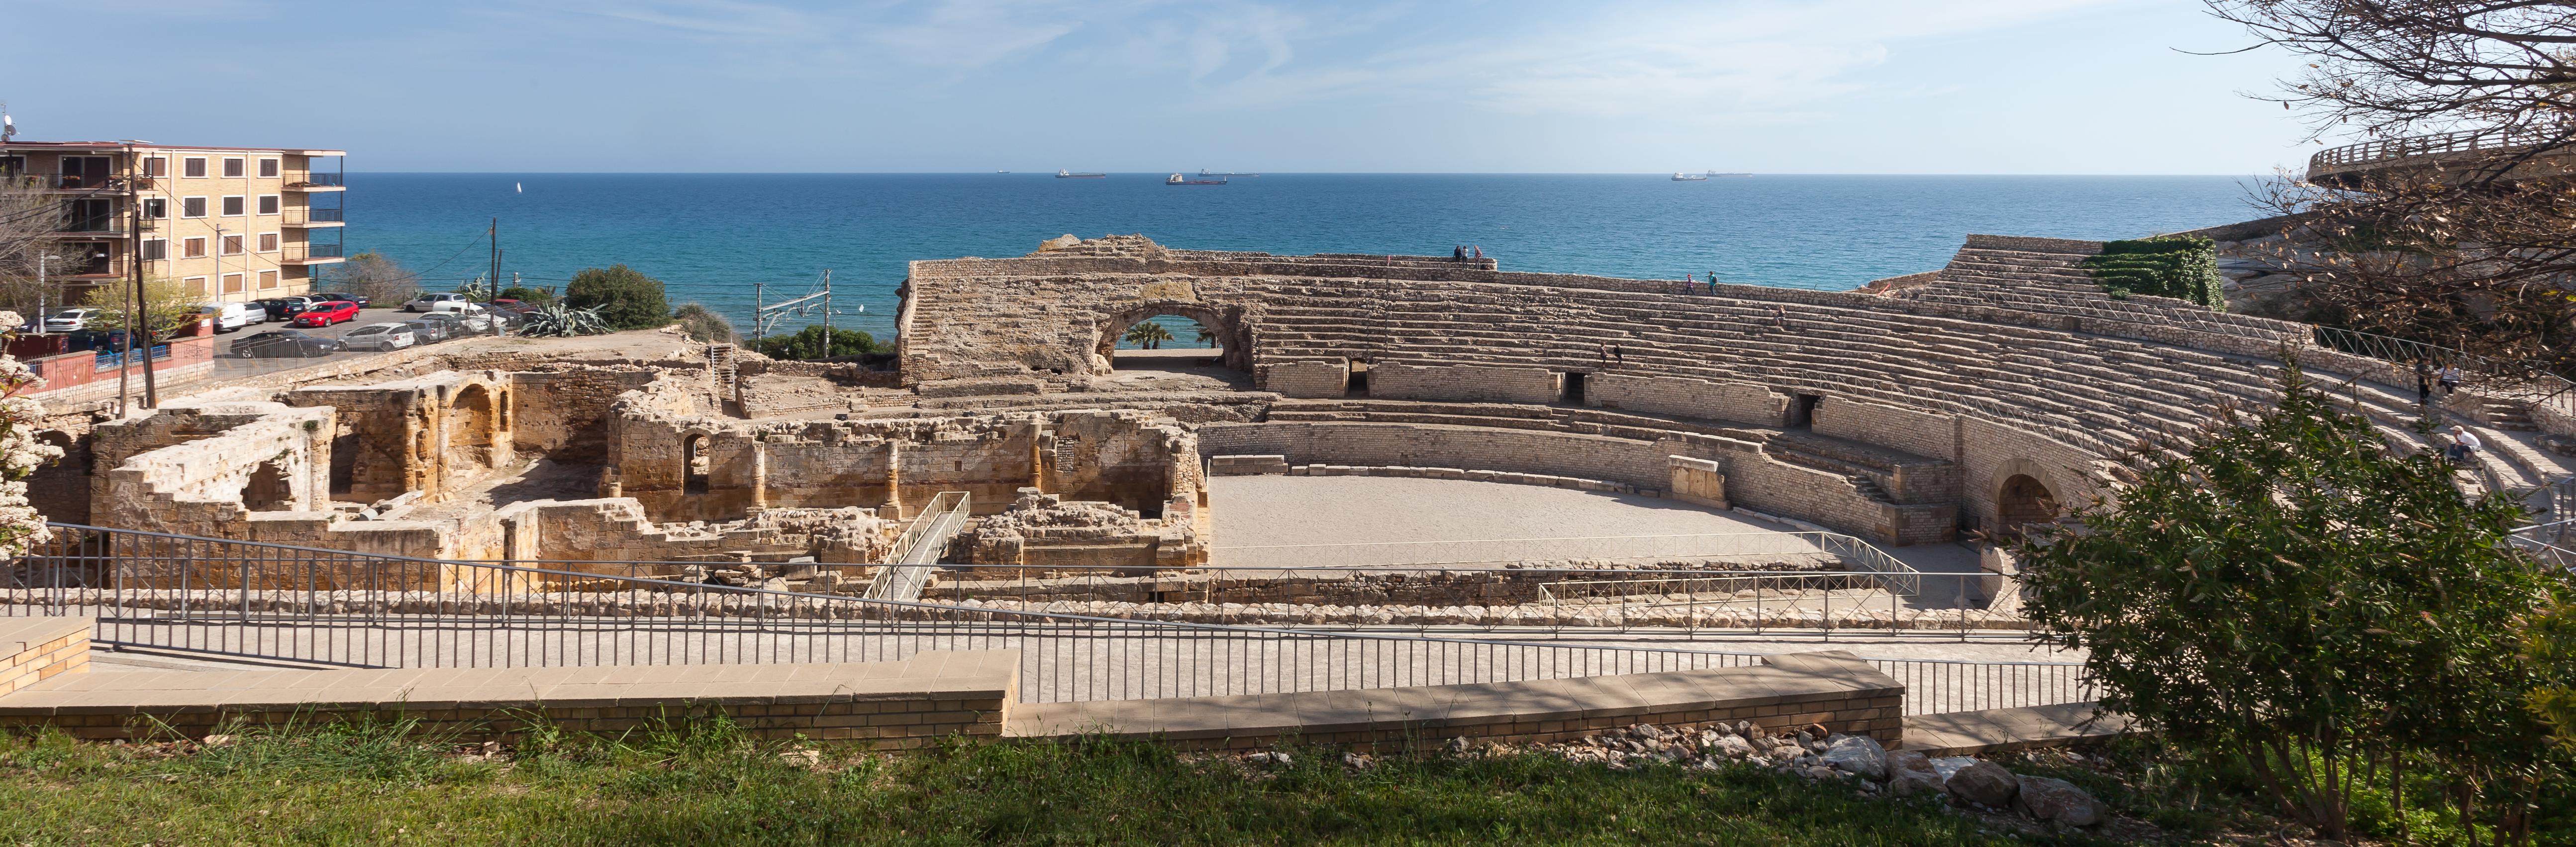 Visita desde Chalet La Cantera a las ruinas romanas de Tarragona